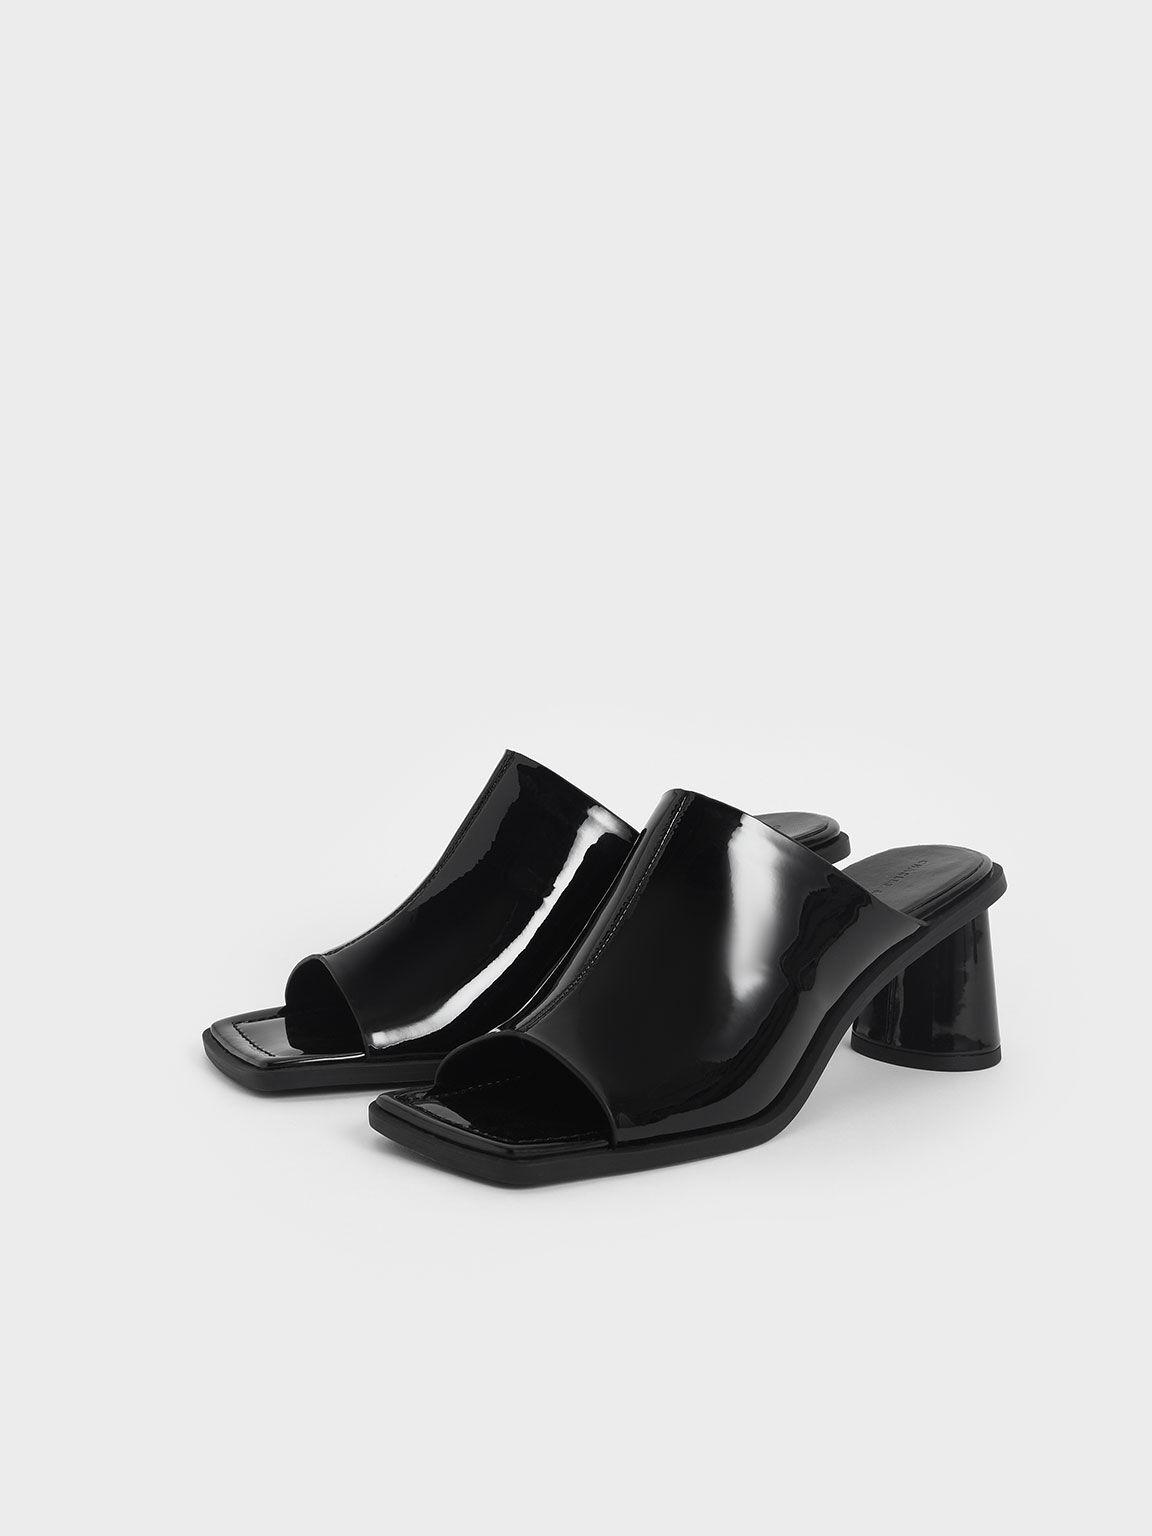 方頭粗跟穆勒拖鞋, 黑色, hi-res